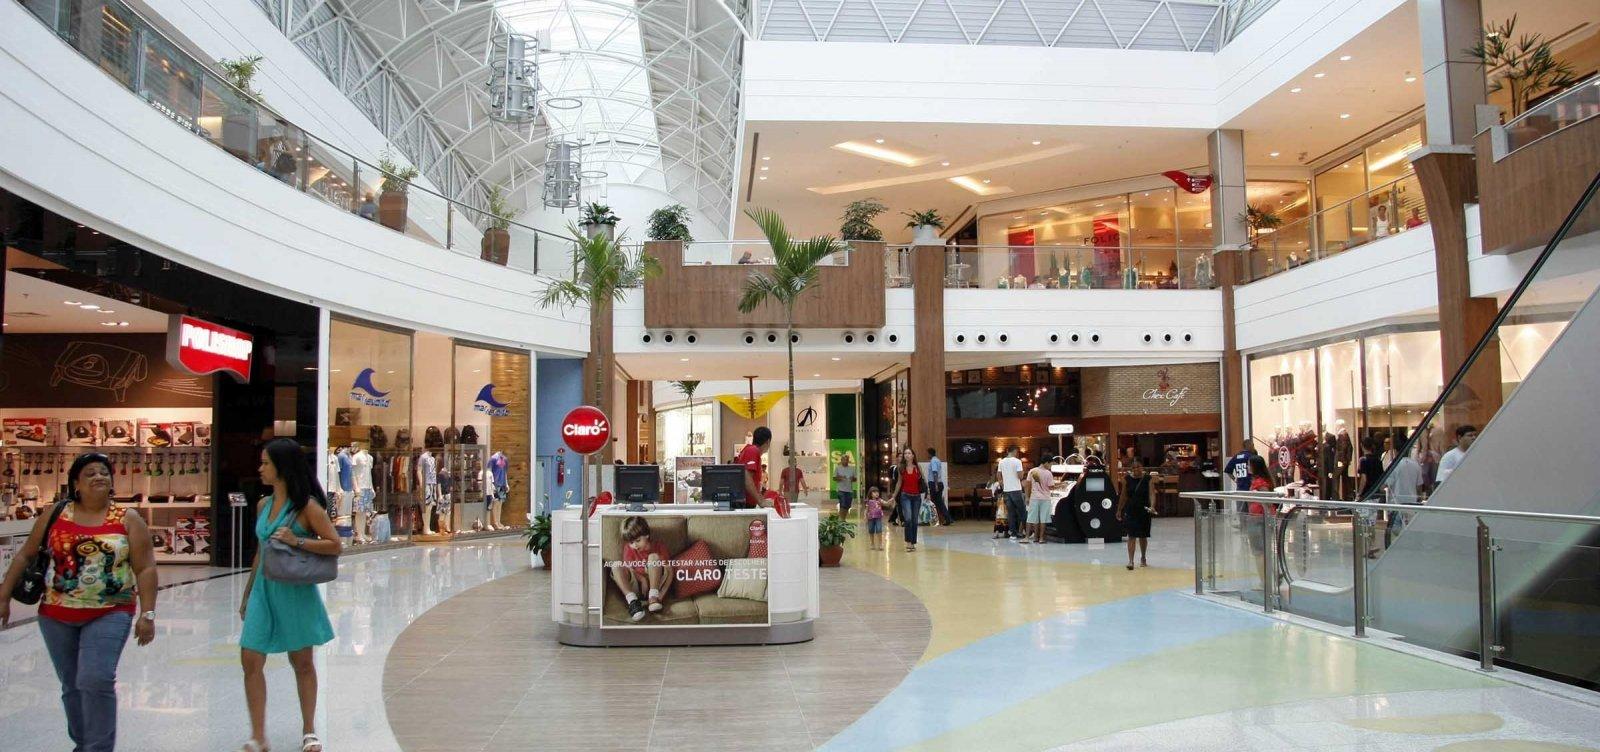 [Shoppings estimam prejuízo de R$ 20 milhões com fechamento no feriadão]